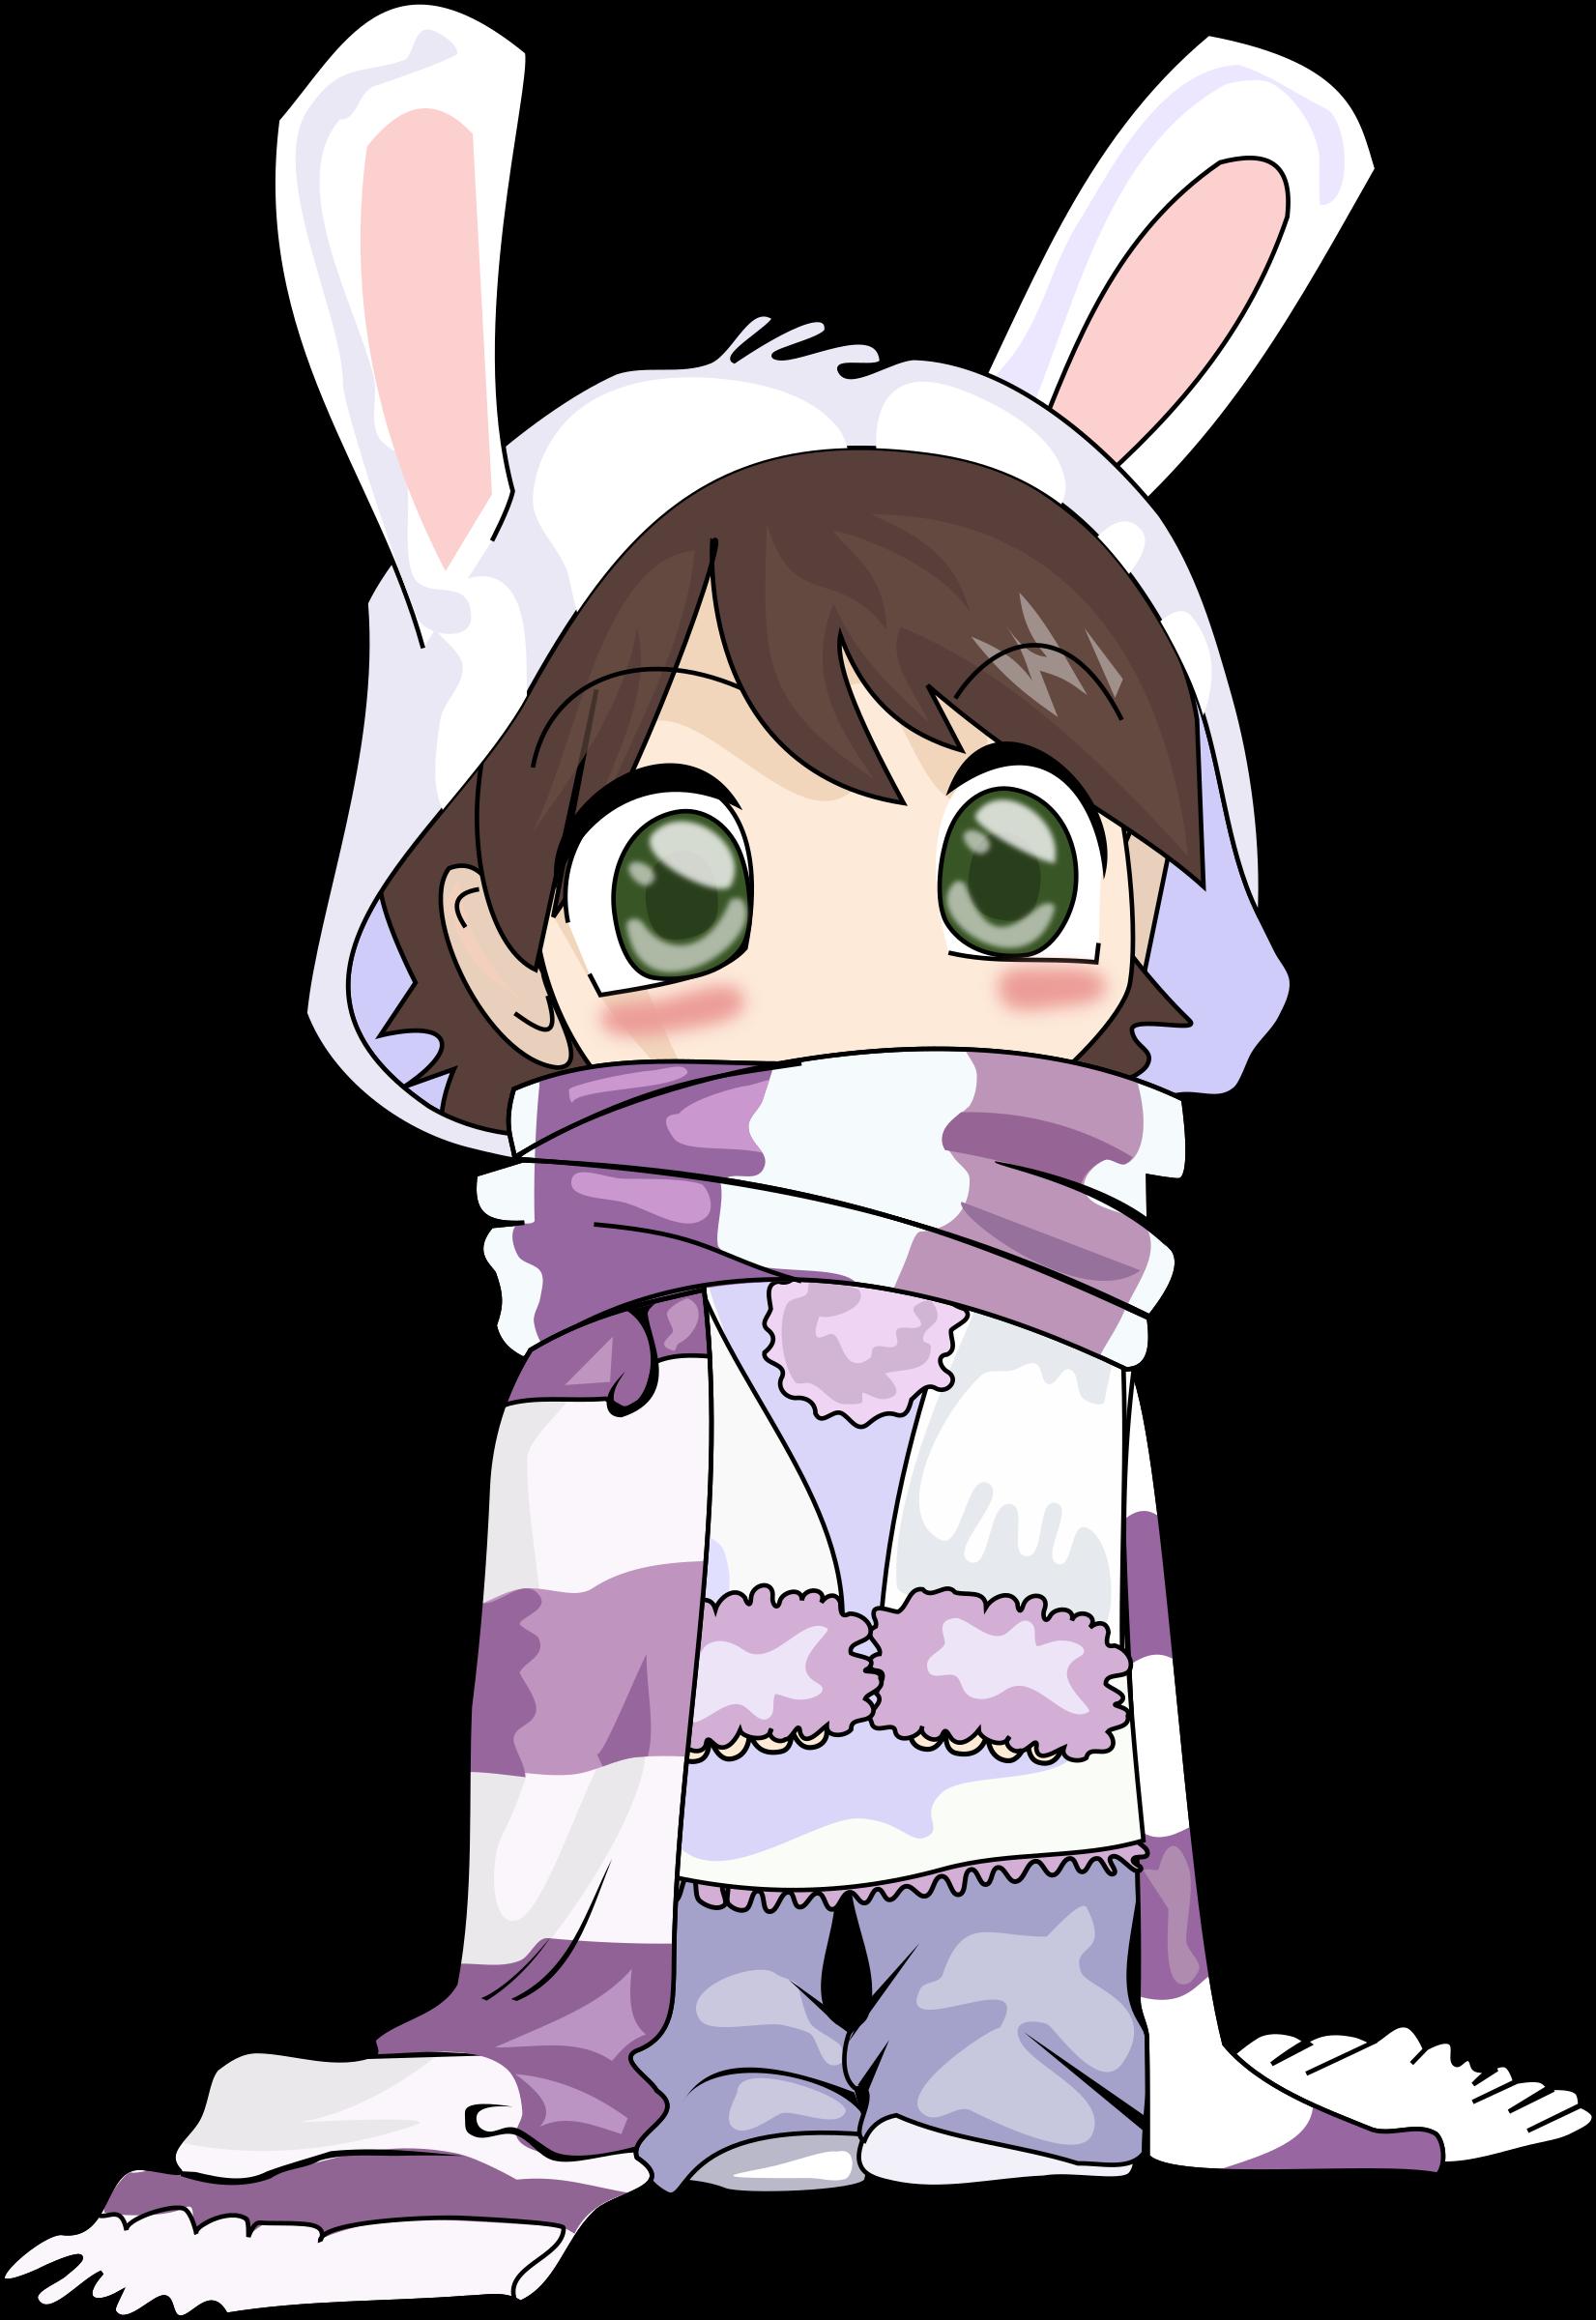 Anime clipart cute Cute Clipart usagui usagui cute